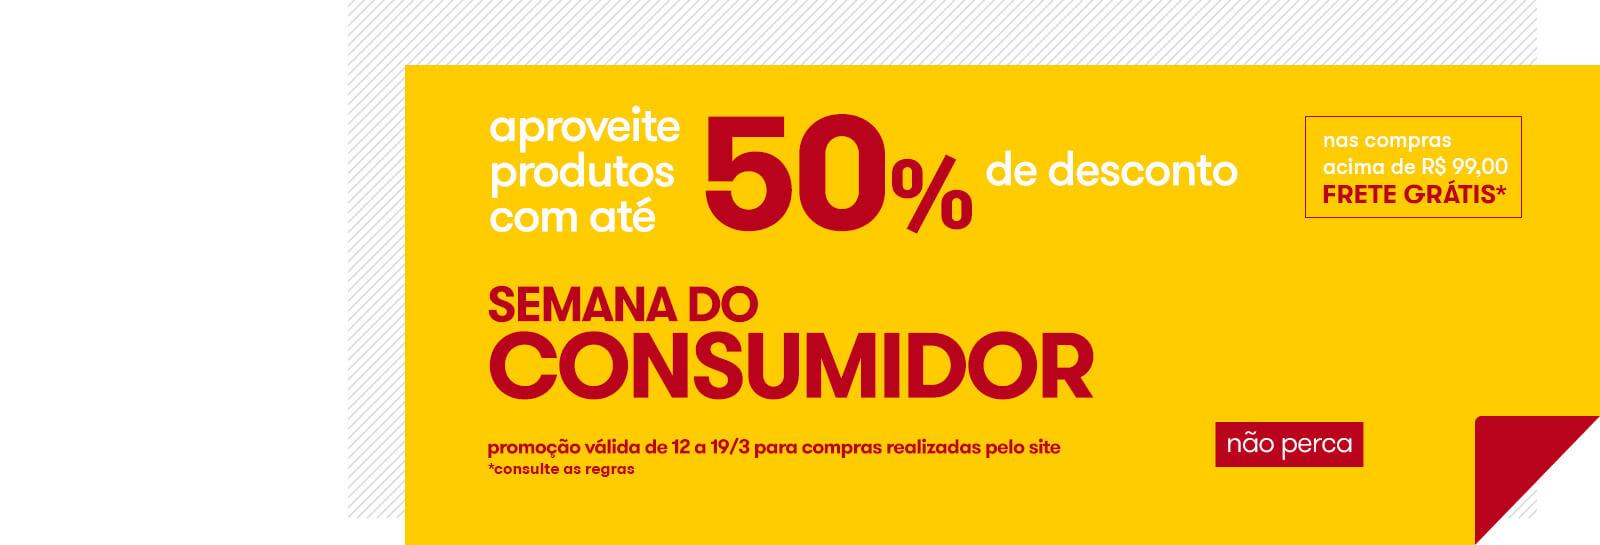 Semana dp Consumidor